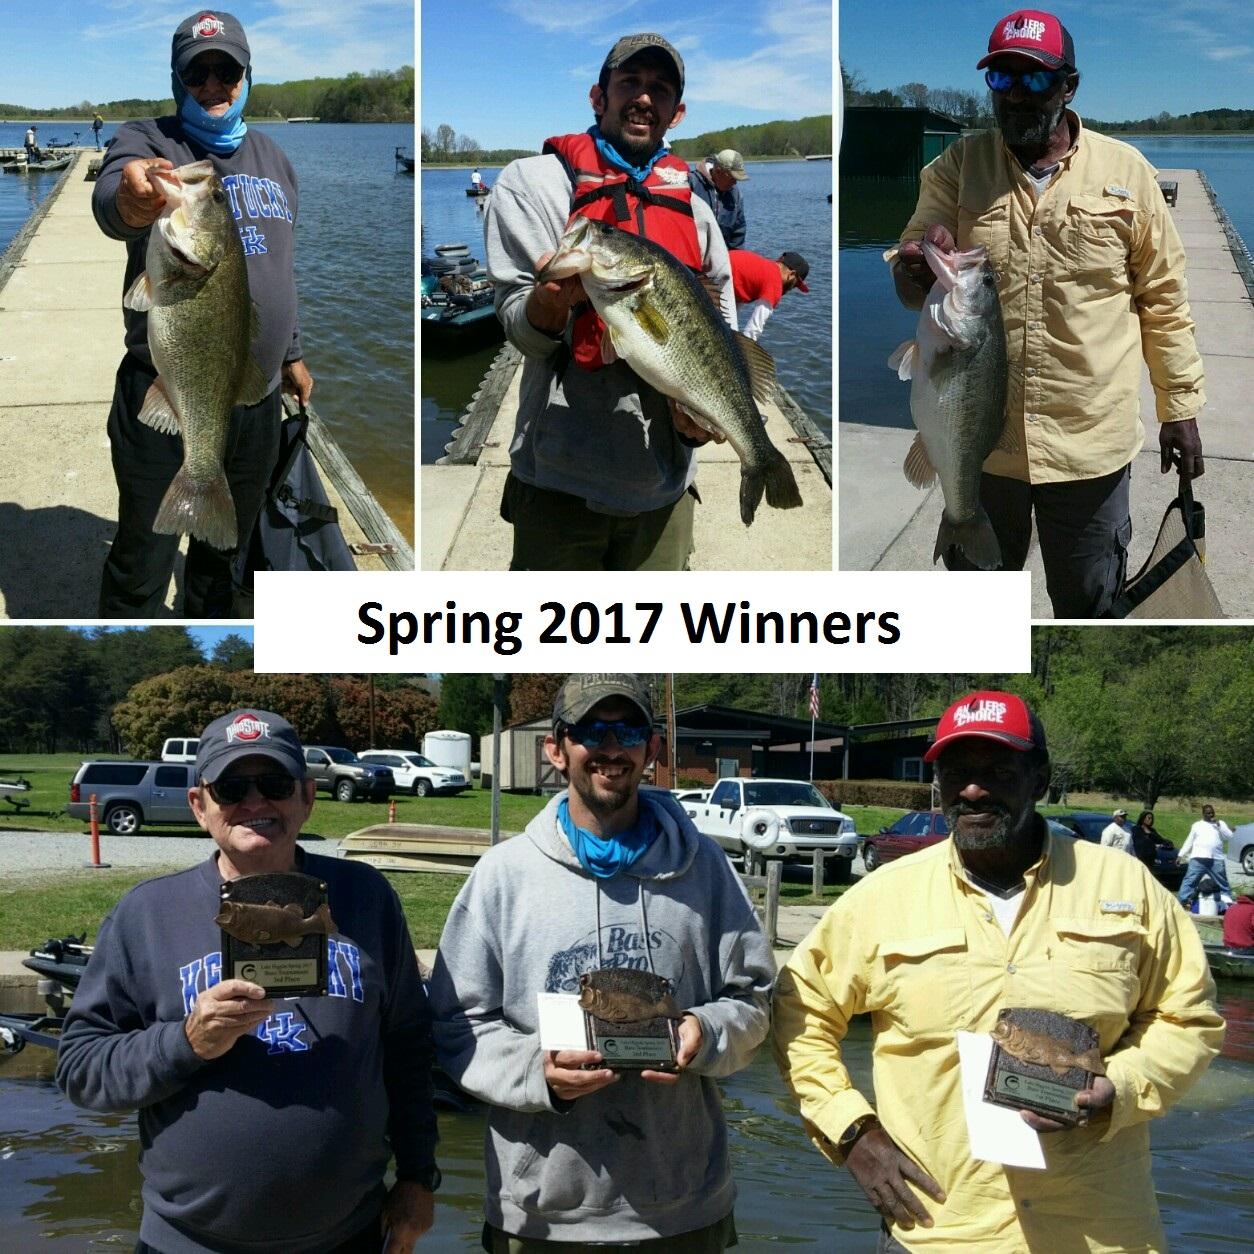 spring 2017 winners